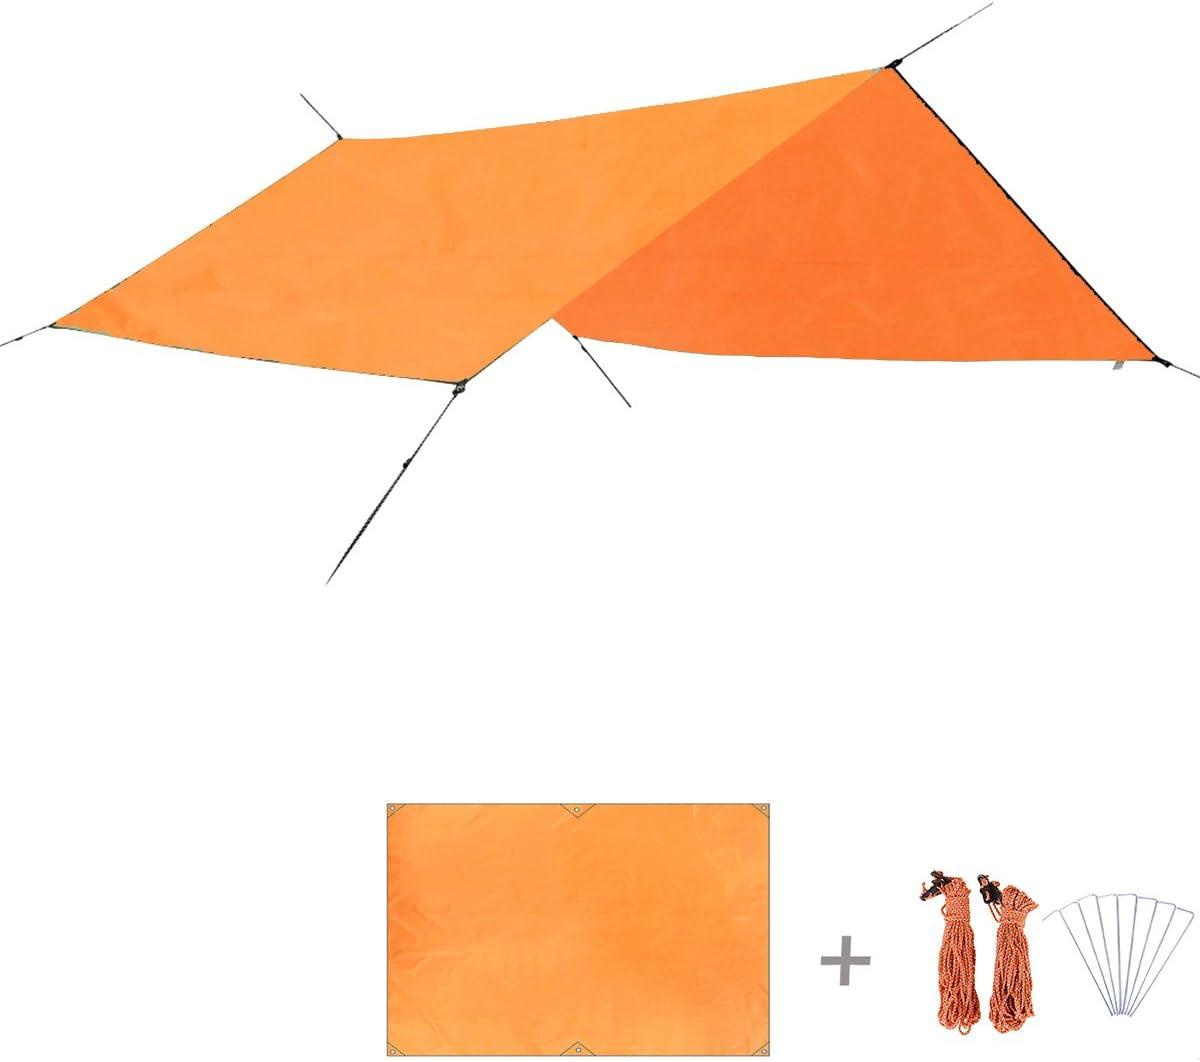 TRIWONDER Tarp Hamac Camping B/âche de Tente Tapis de Sol Abri de Soleil B/âche de Protection Parasol Couverture Imperm/éable L/éger pour Camping Plage Randonn/ée